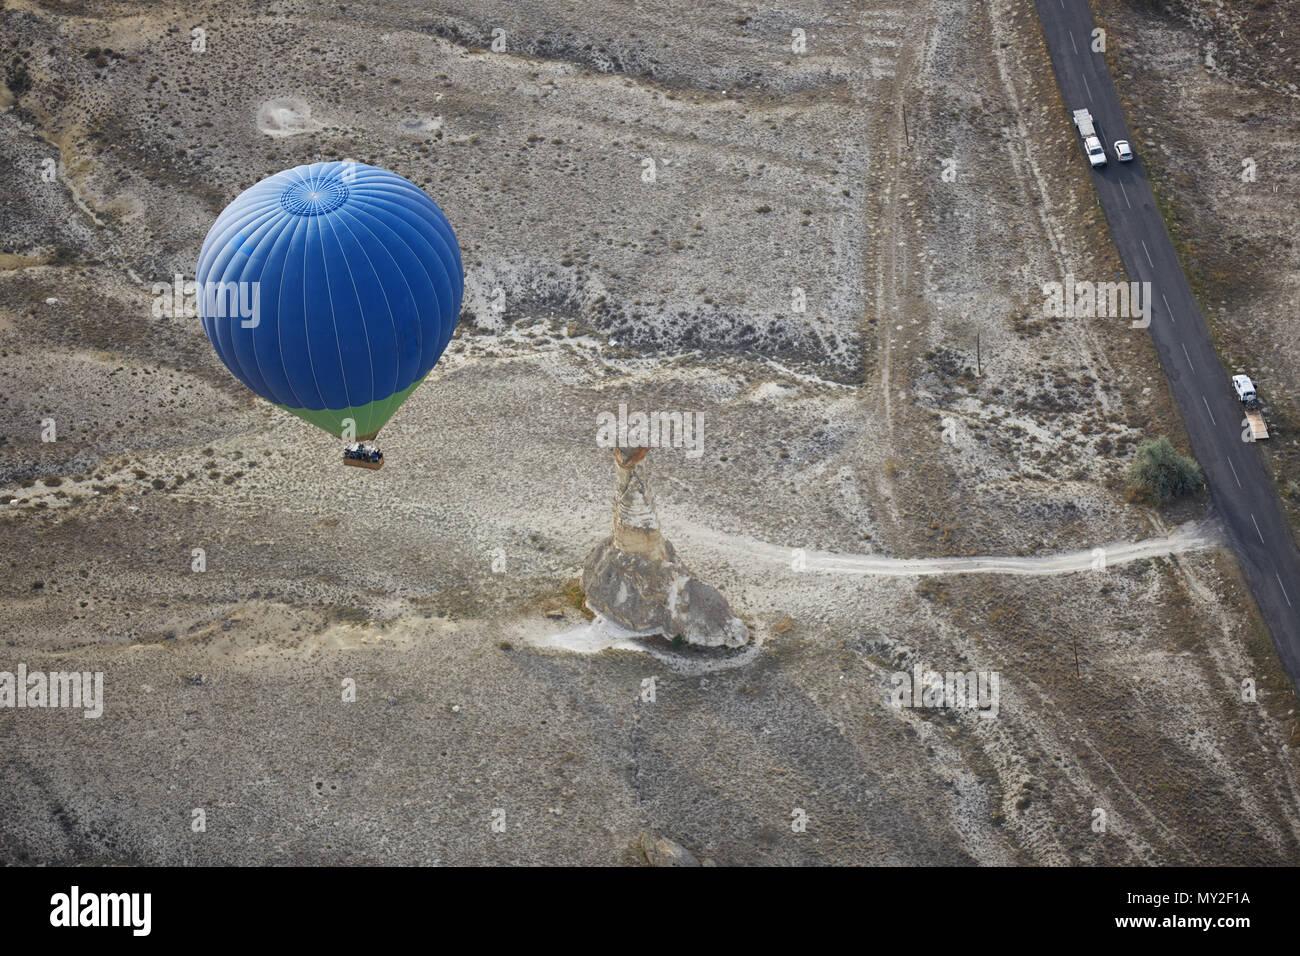 Blur Heißluftballon über die Straße Fliegen mit Motor Transport. Ansicht von oben Stockbild